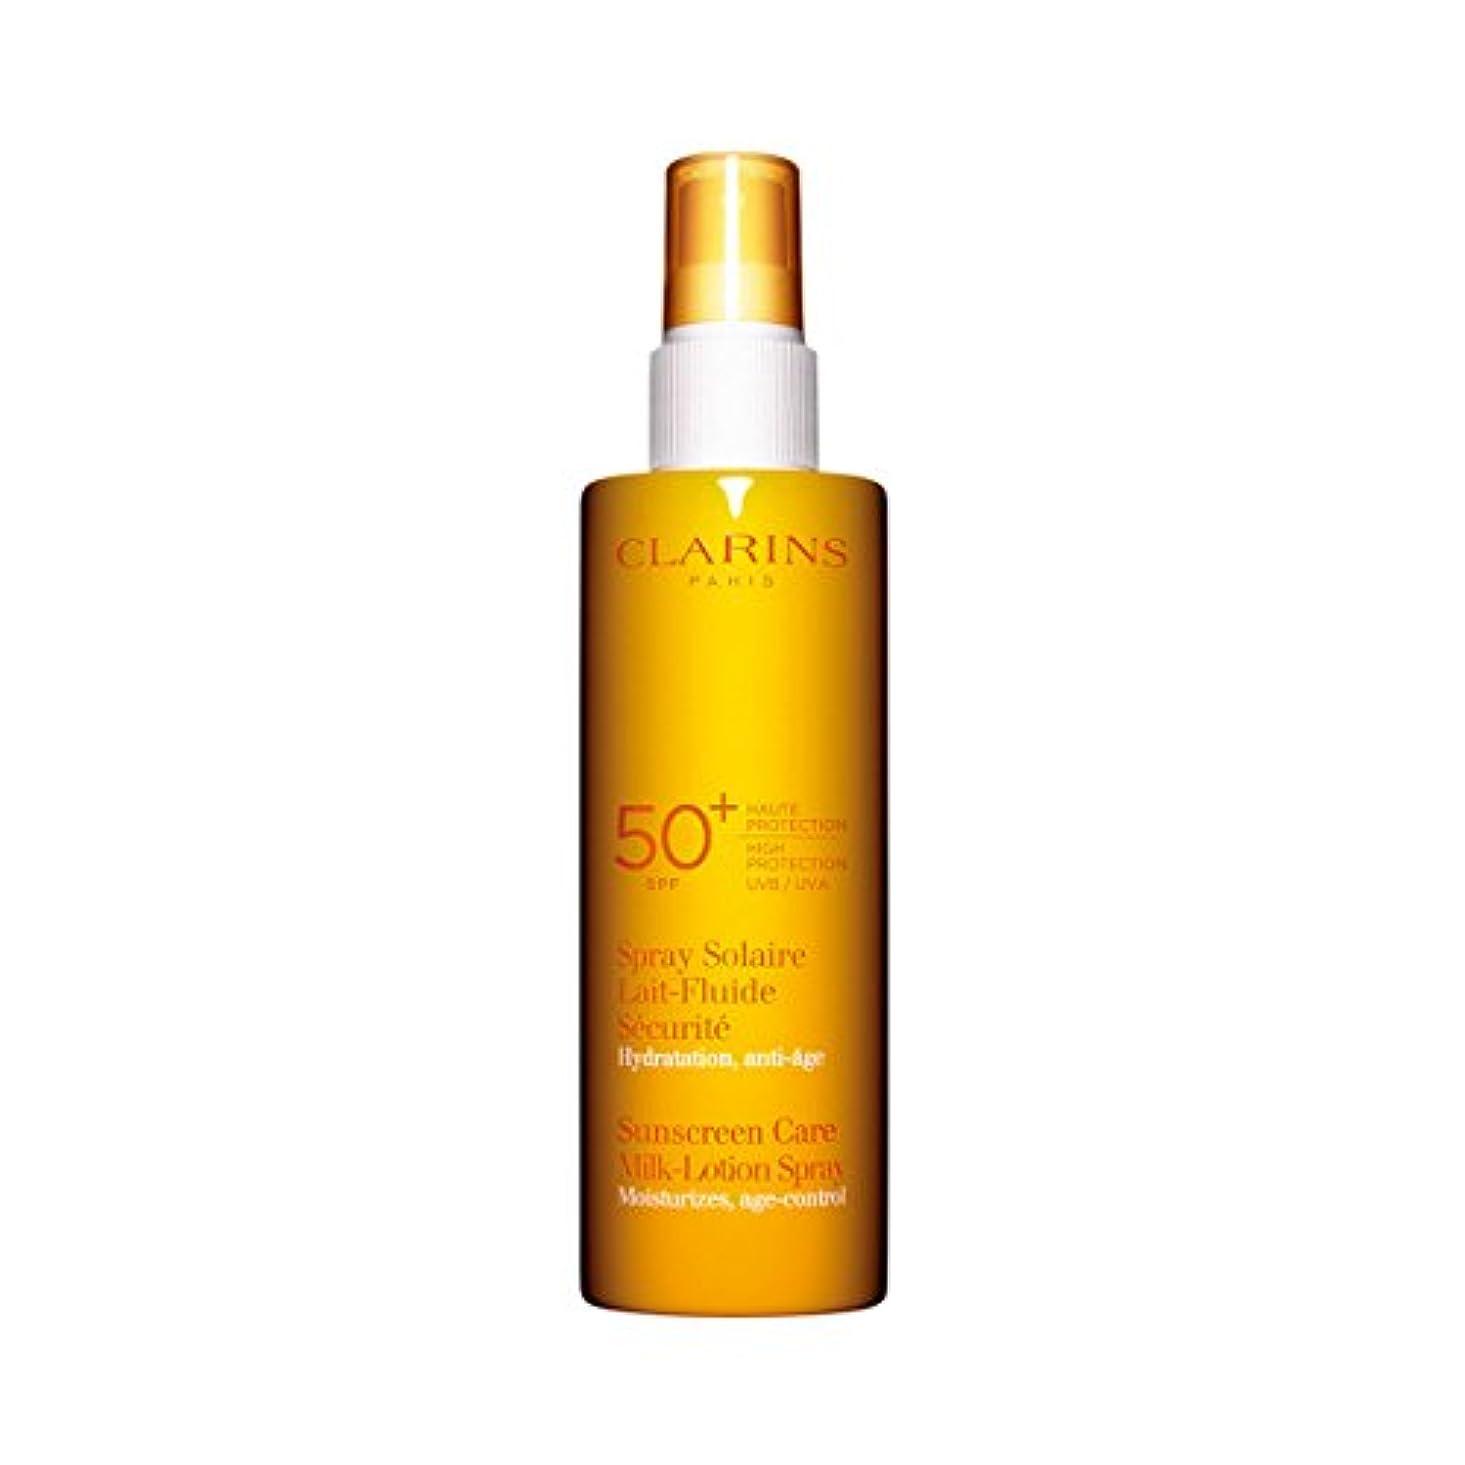 コントロールハンバーガー異形Clarins Sun Care Milk-lotion Spray Uva/uvb 50 150ml [並行輸入品]